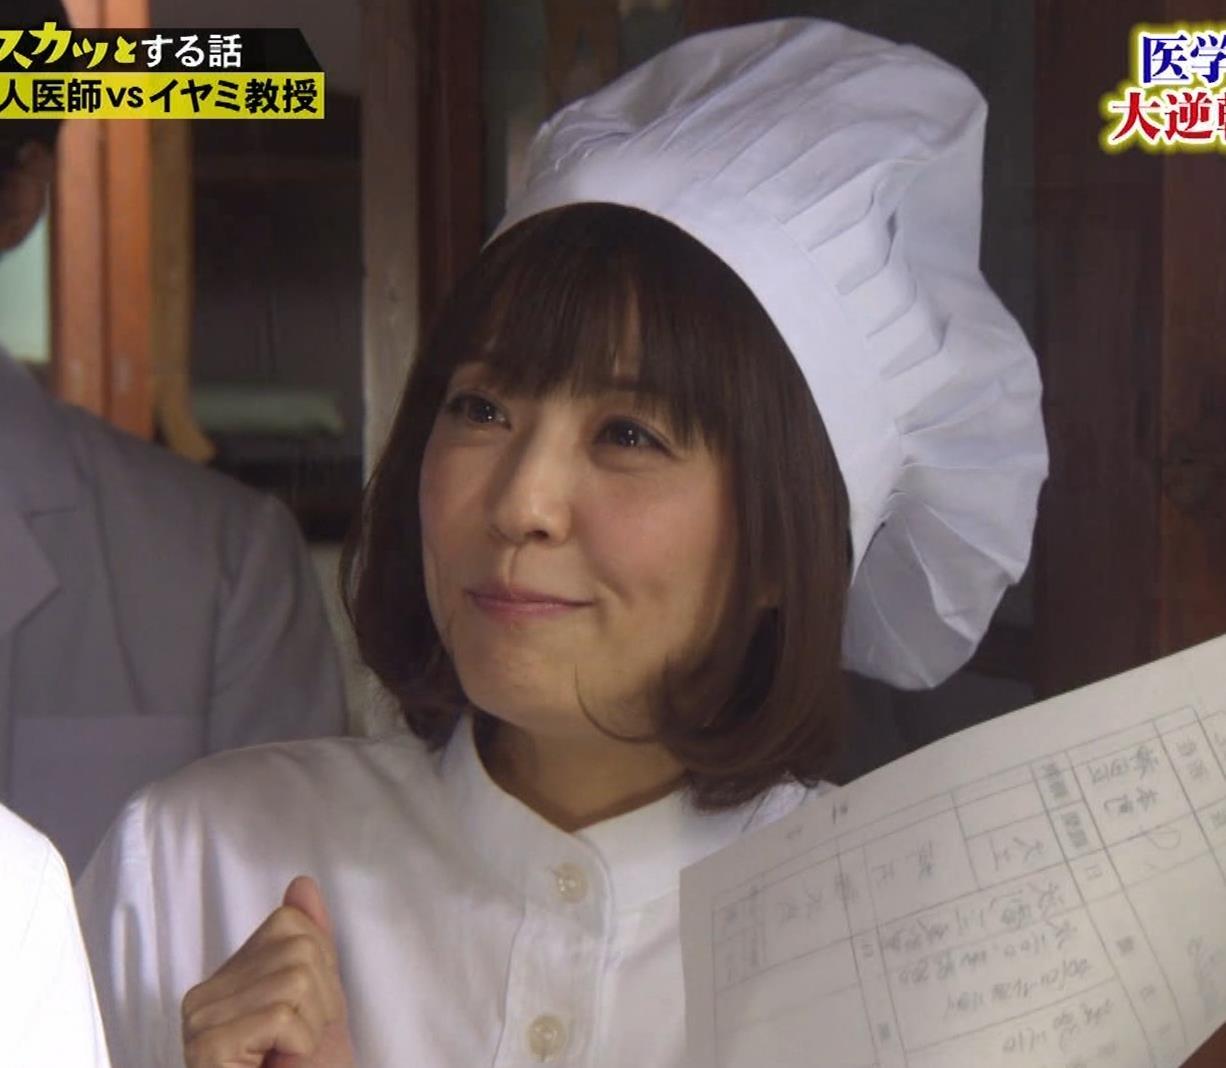 小林麻耶 明治時代の看護婦コスプレキャプ・エロ画像8